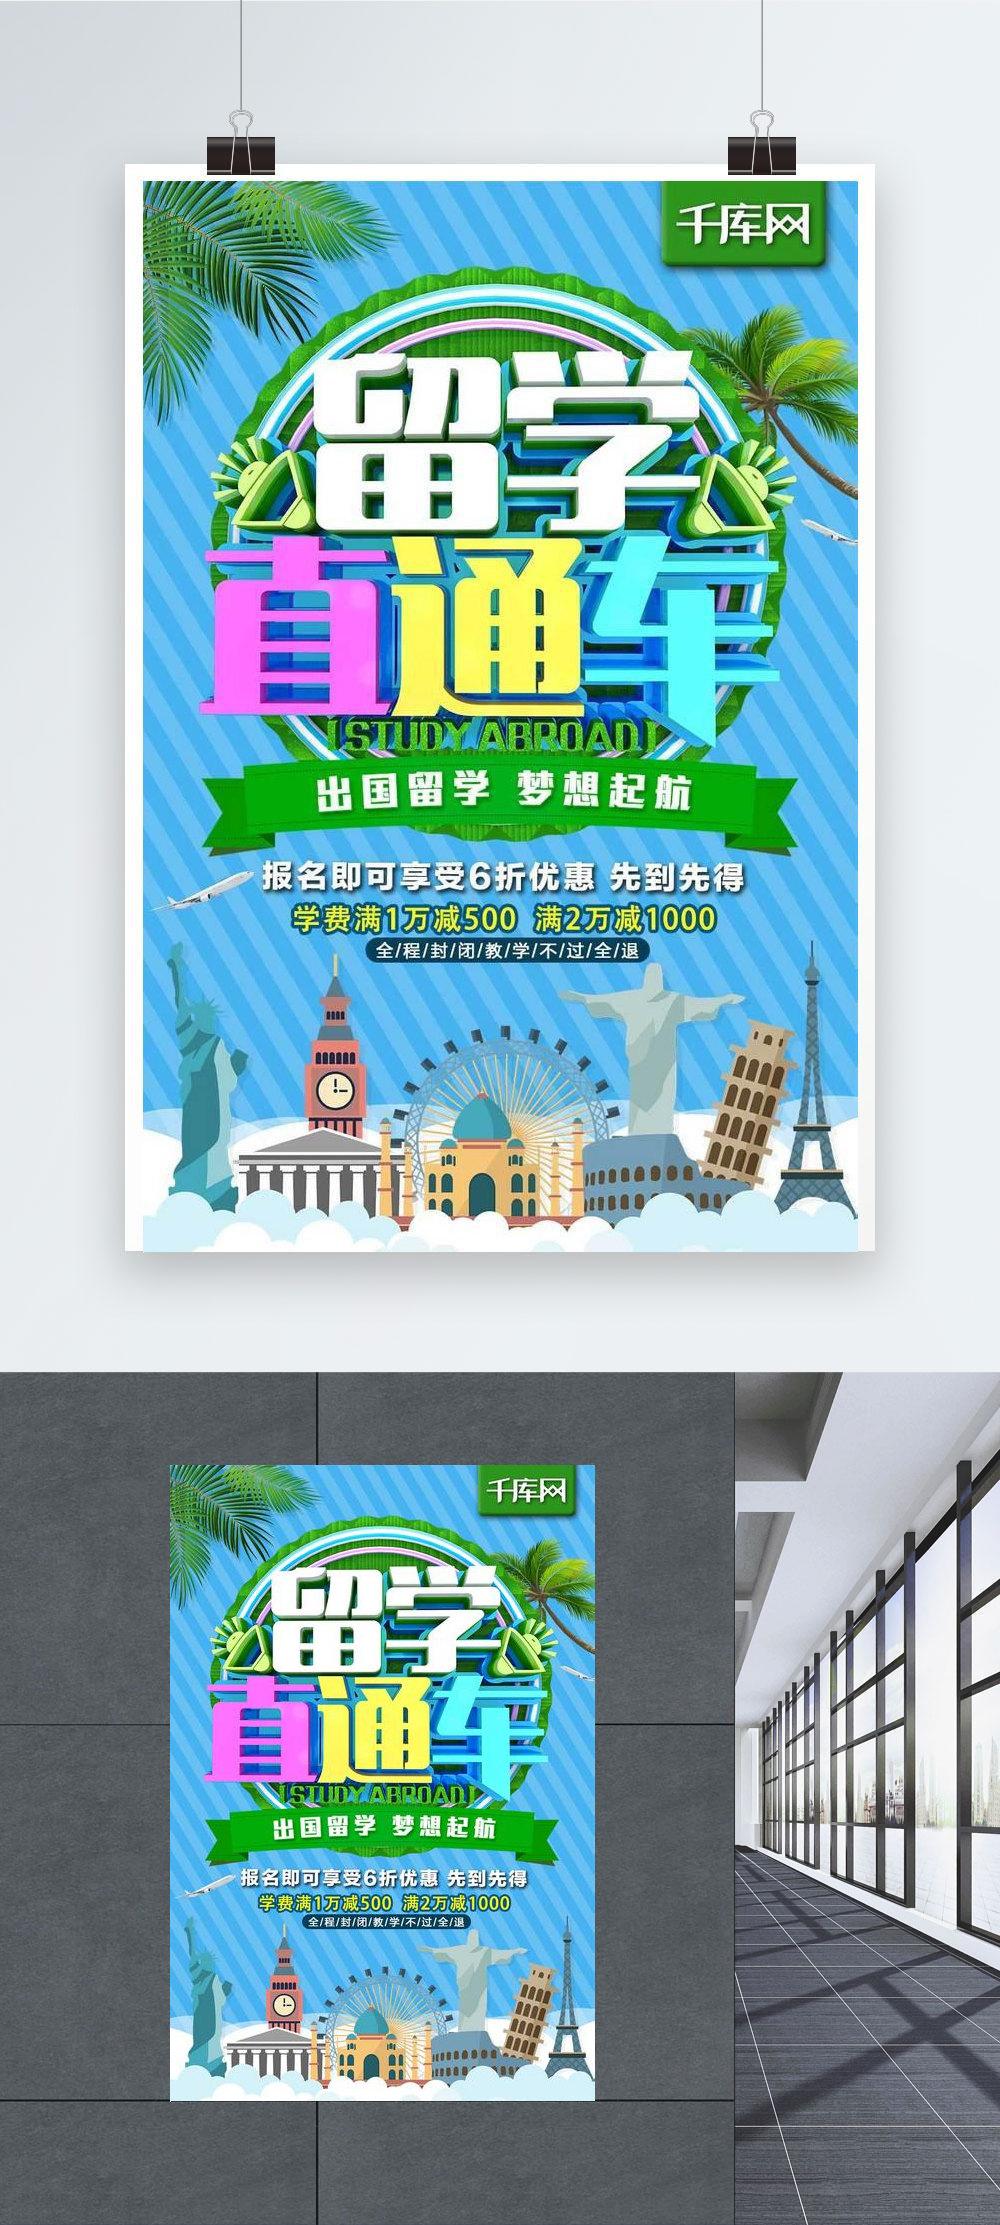 留學直通車夢想起航c4d教育機構培訓宣傳海報圖片素材-PSD圖片尺寸1024 × 1536px-高清圖片664844546-zh.lovepik.com